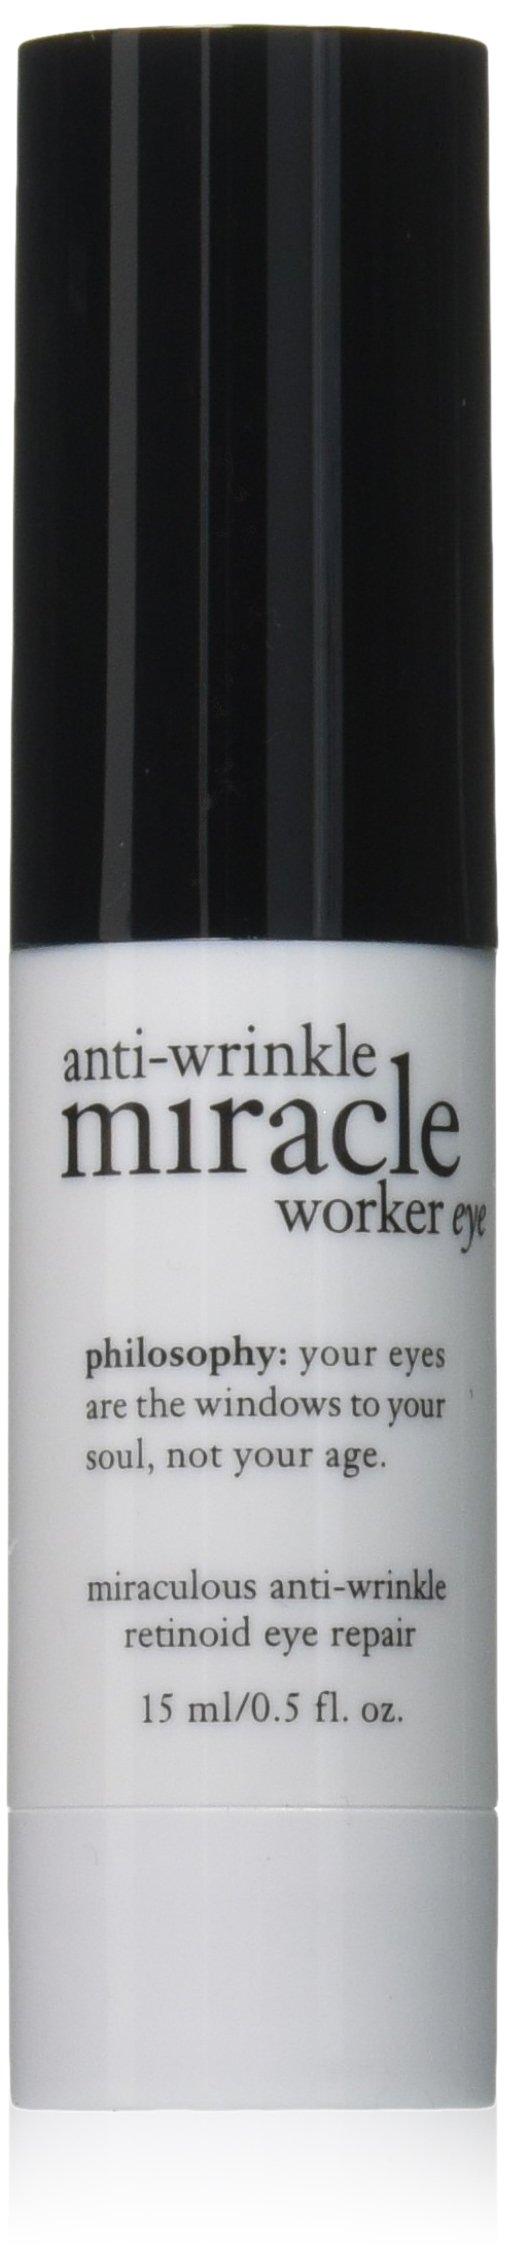 Philosophy Miracle Worker Miraculous Anti-Aging Retionoid Eye Repair, 0.5 Ounce